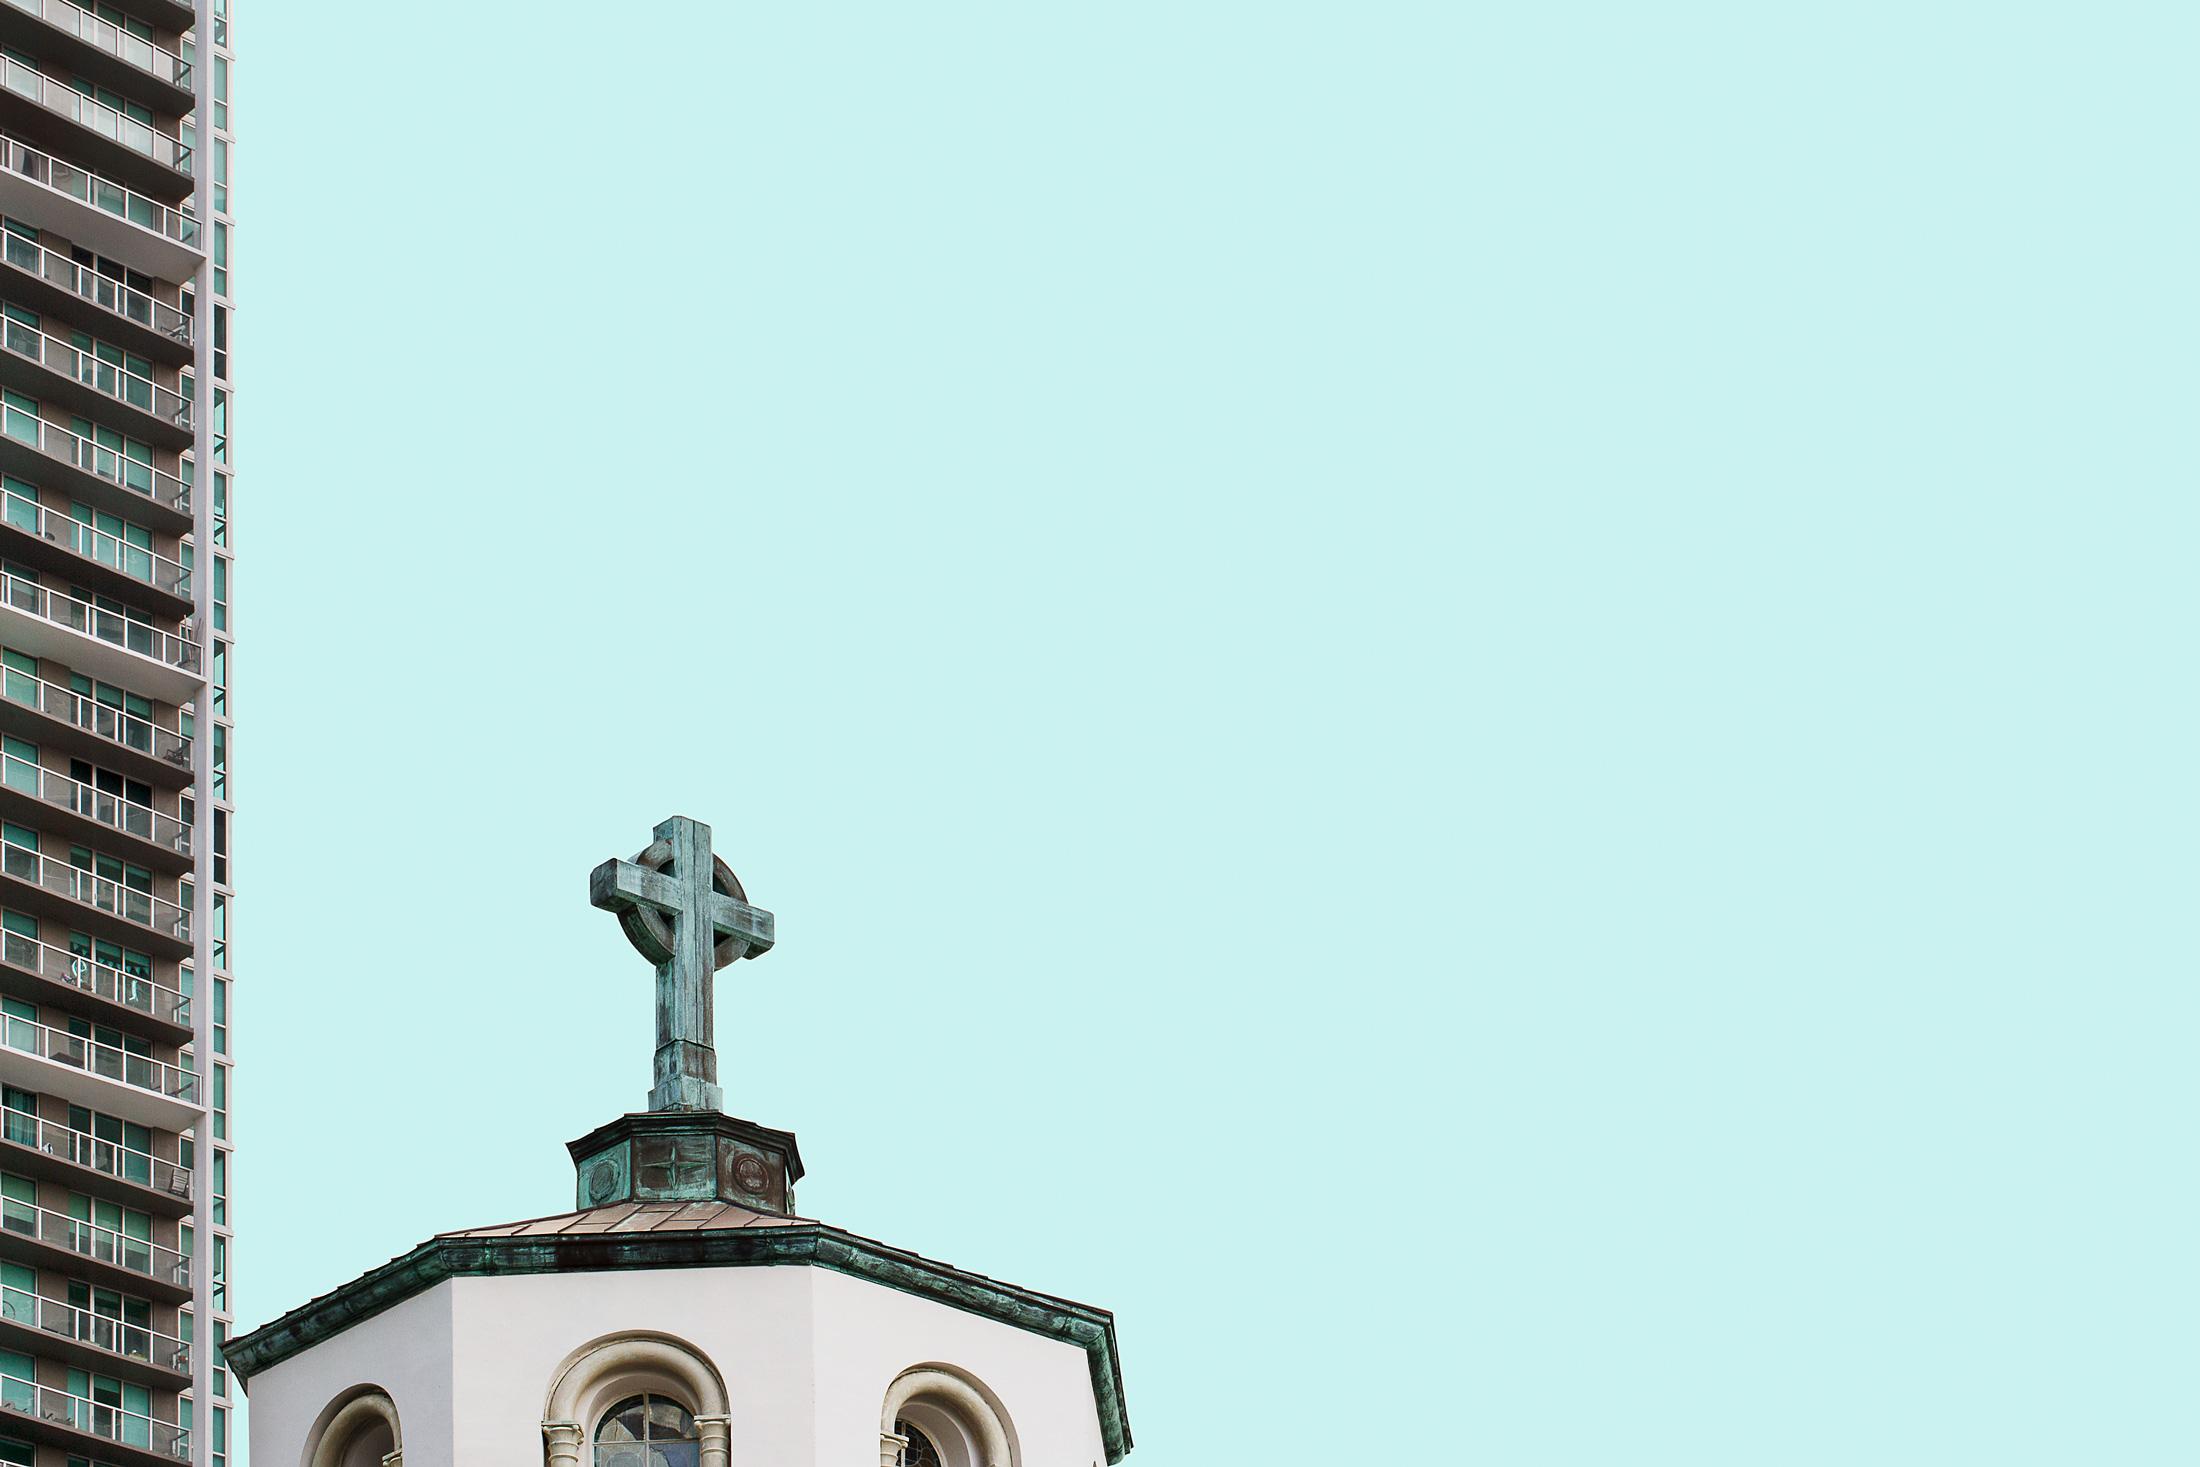 architecture toit église gratte-ciel